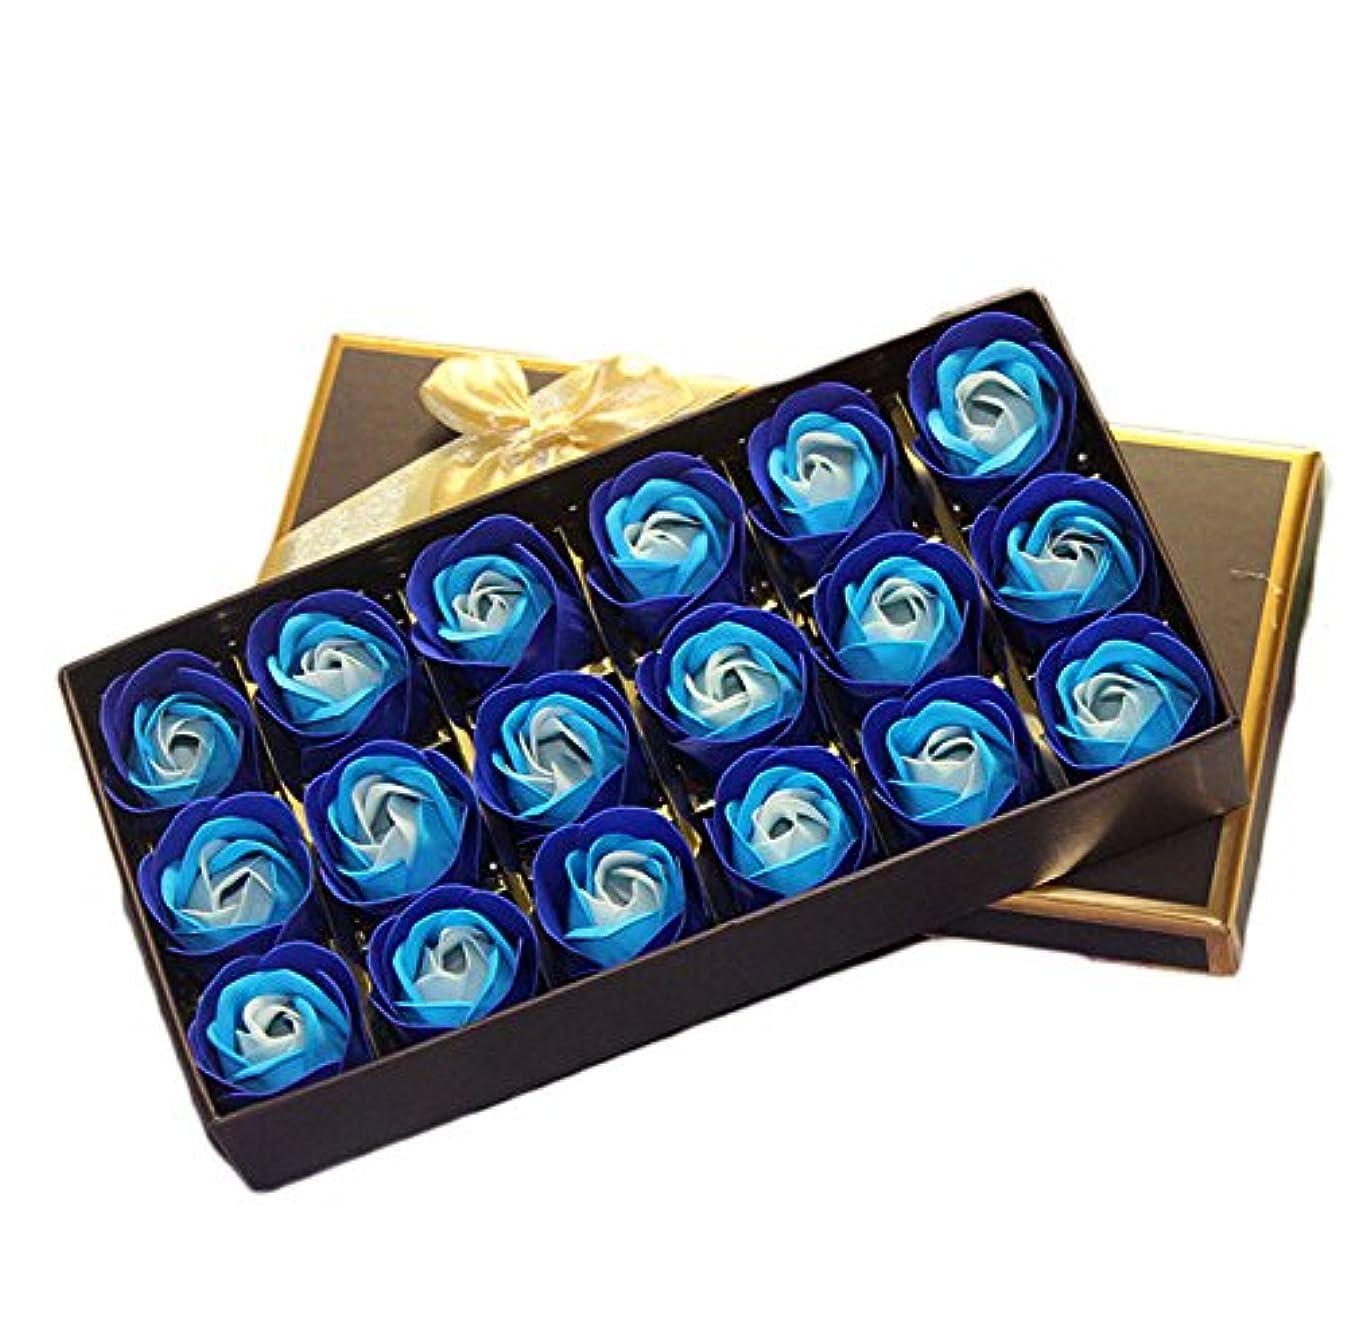 シンポジウムやさしく怠感18個バラ型 フラワーソープ ギフトボックス入り 石鹸 花 バラ セット 手作り 洗う 手 お風呂 香り 贈り物 (青 1)